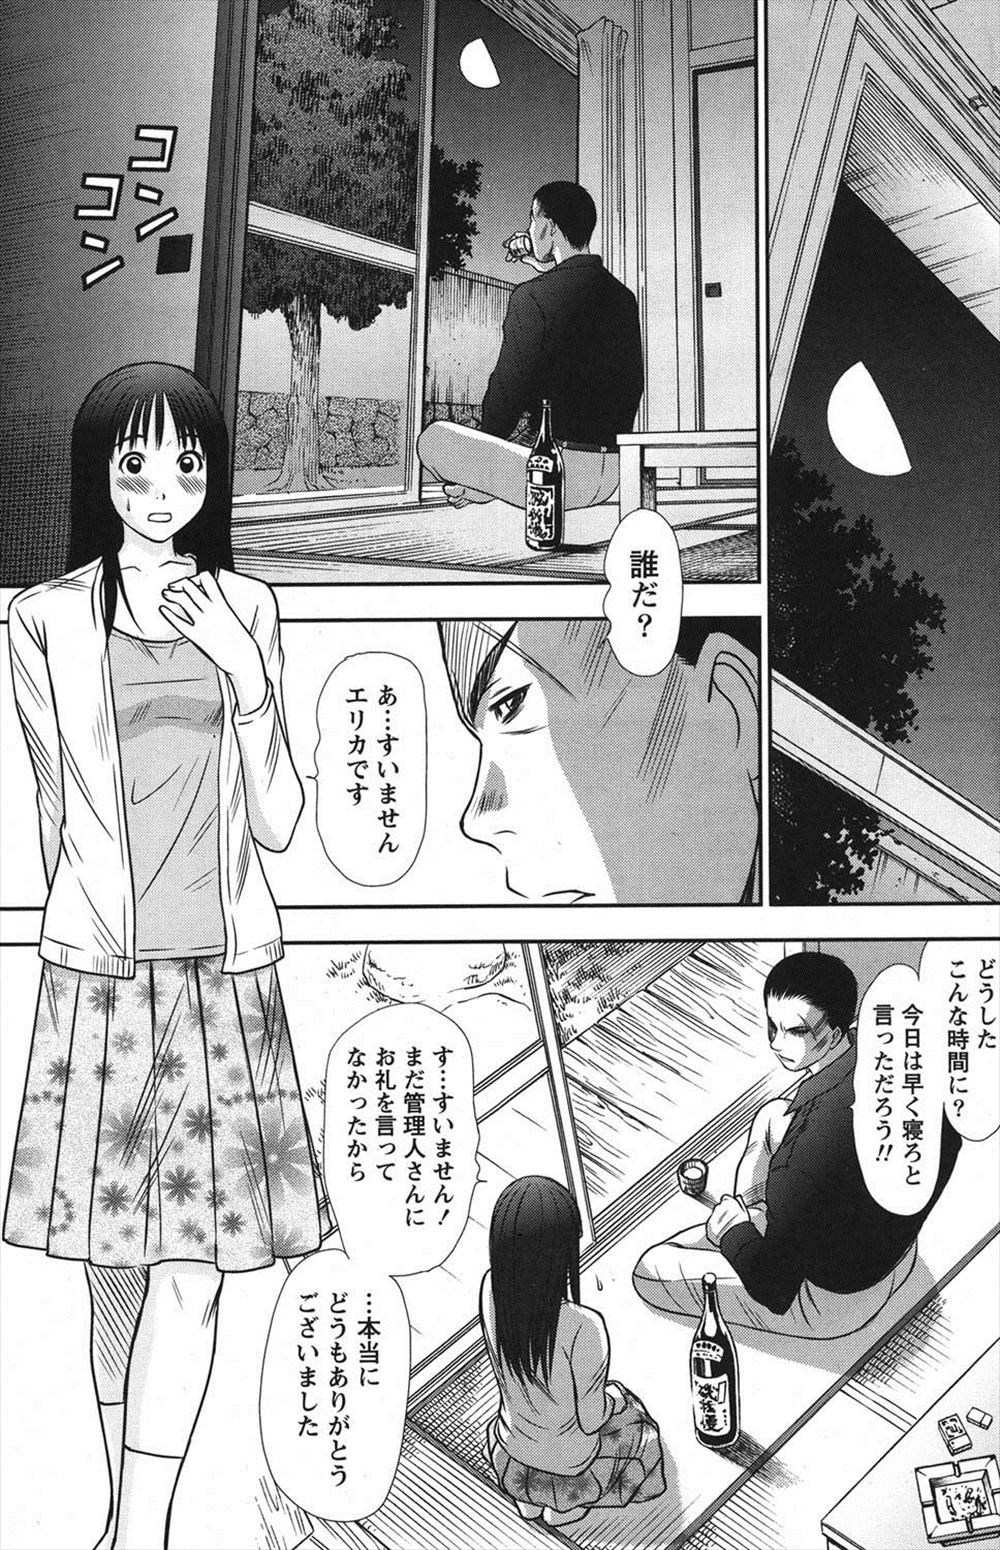 【エロ漫画同人誌】マネージャーに犯されかけた美少女アイドルがヤクザの男に助けられて抱いてもらう展開に♡ 011